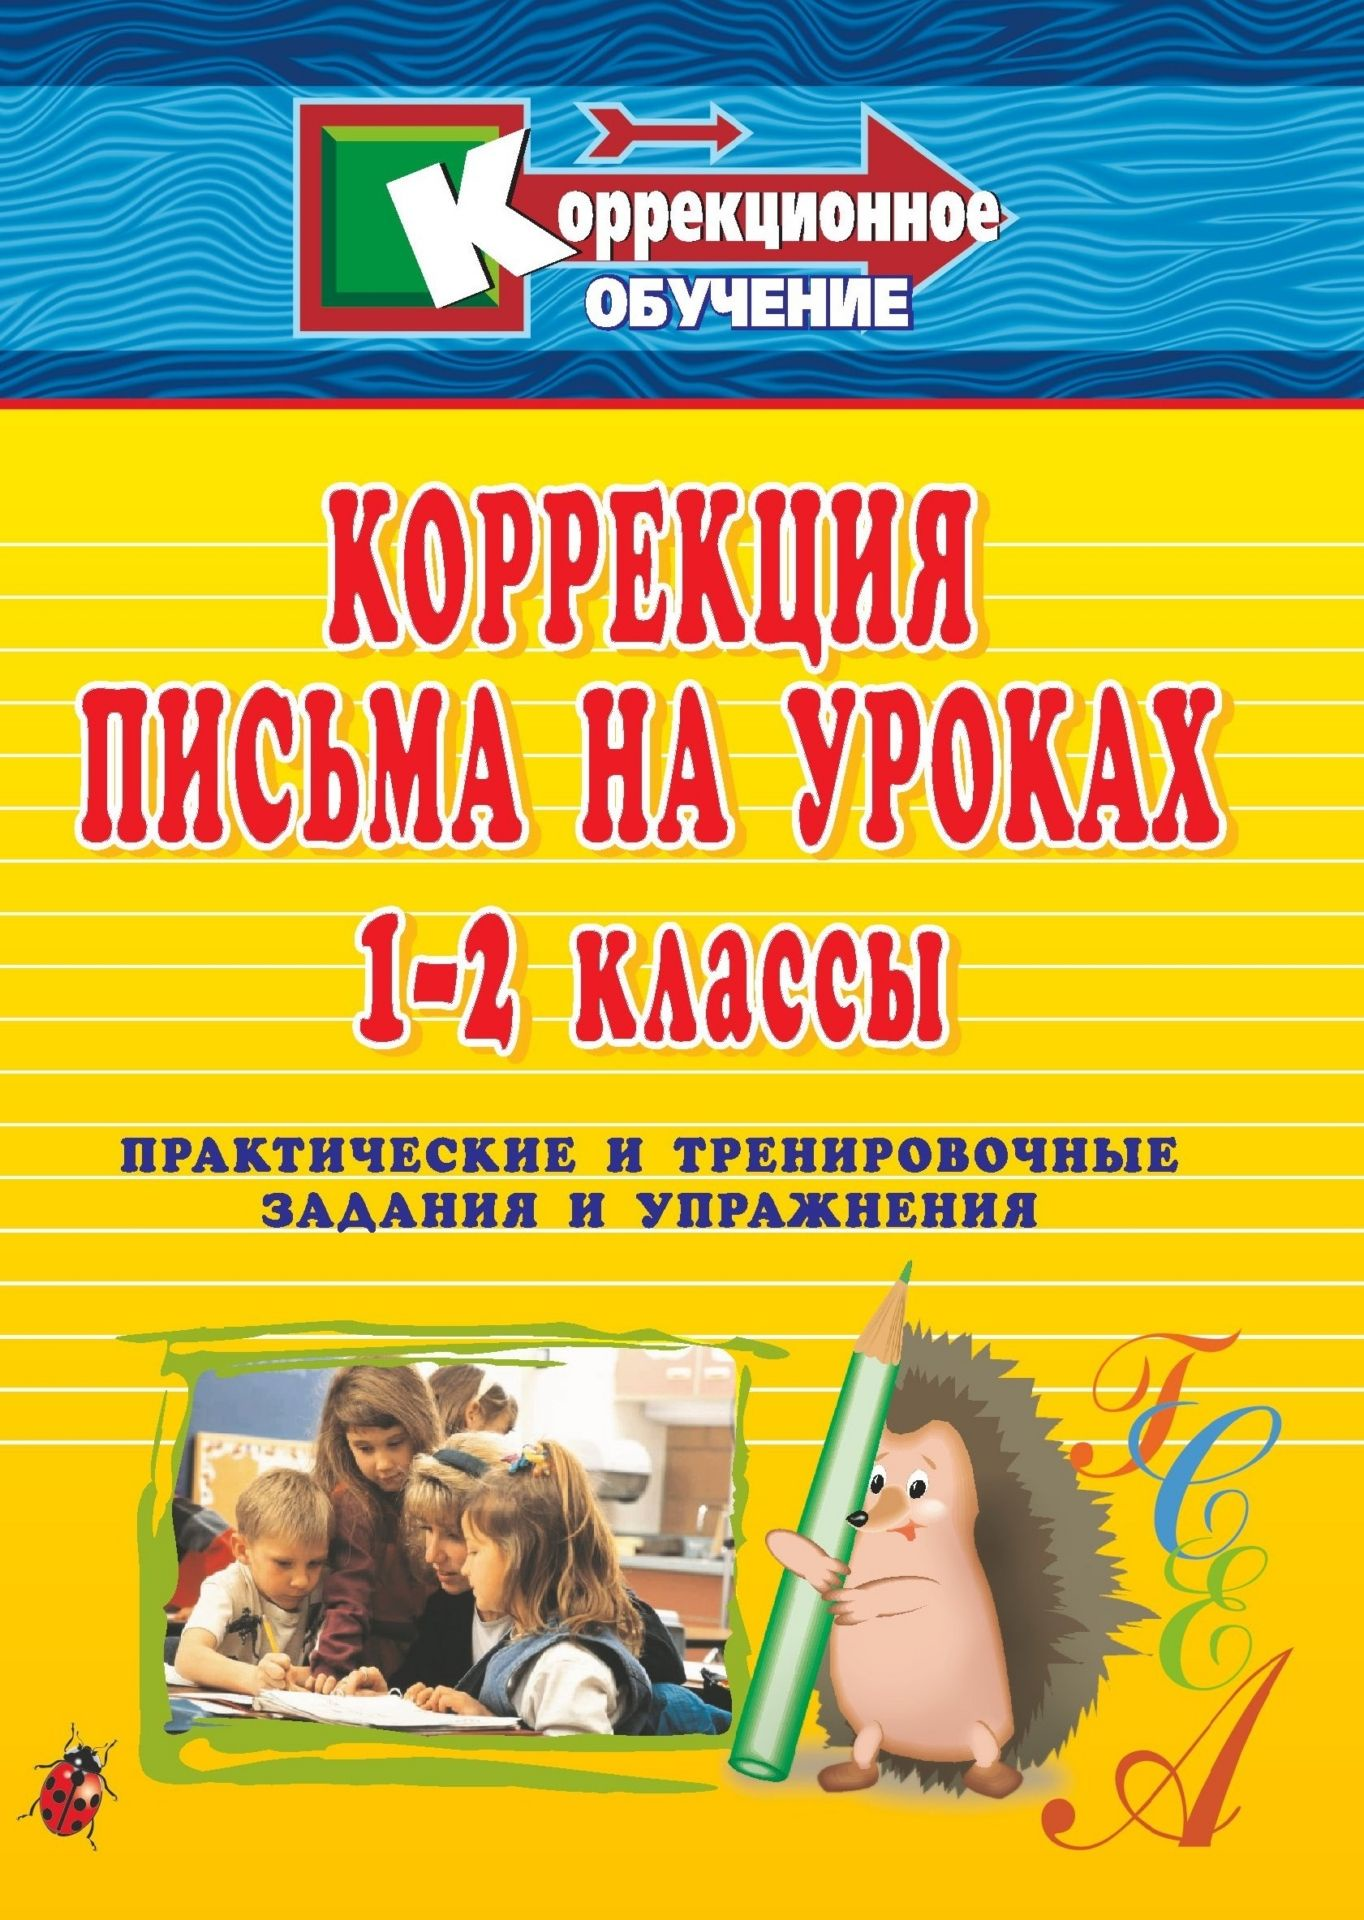 Коррекция письма на уроках. 1-2 классы: практические и тренировочные задания и упражнения